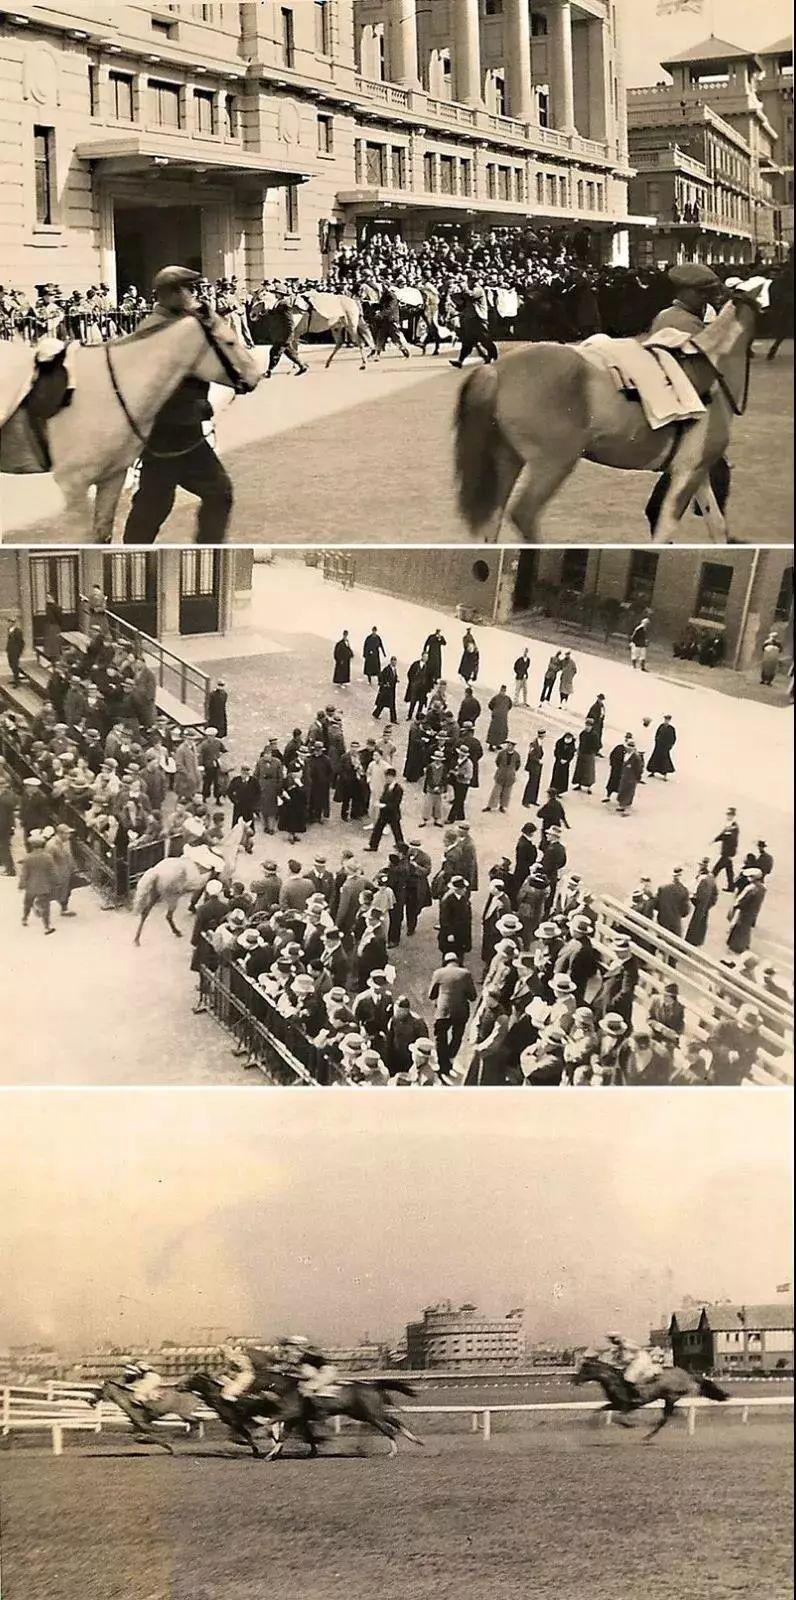 上海跑马厅极盛时期的影像。各种建筑和比赛细节非常清晰。